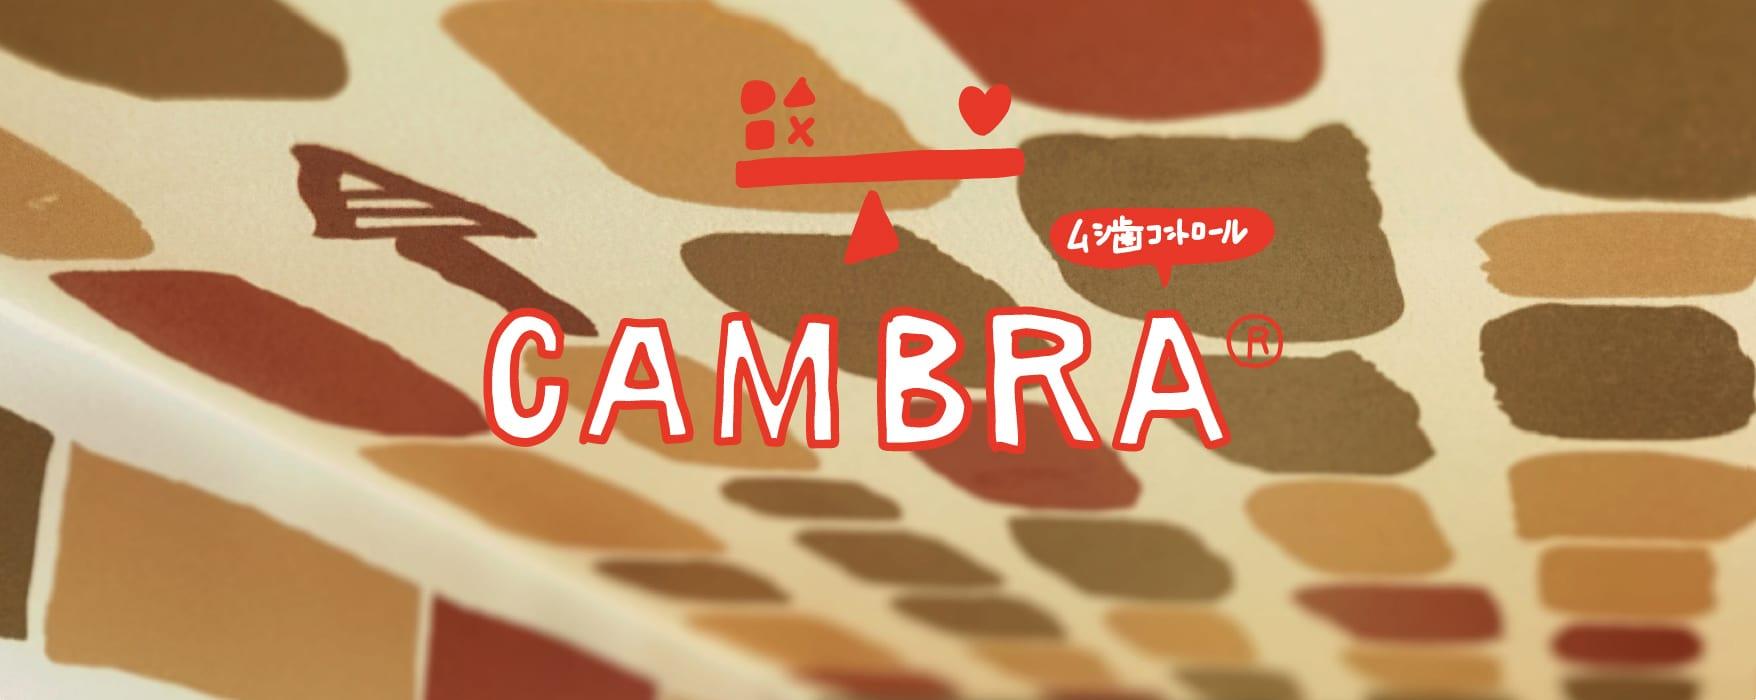 エビデンスに基づく「CAMBRA®」